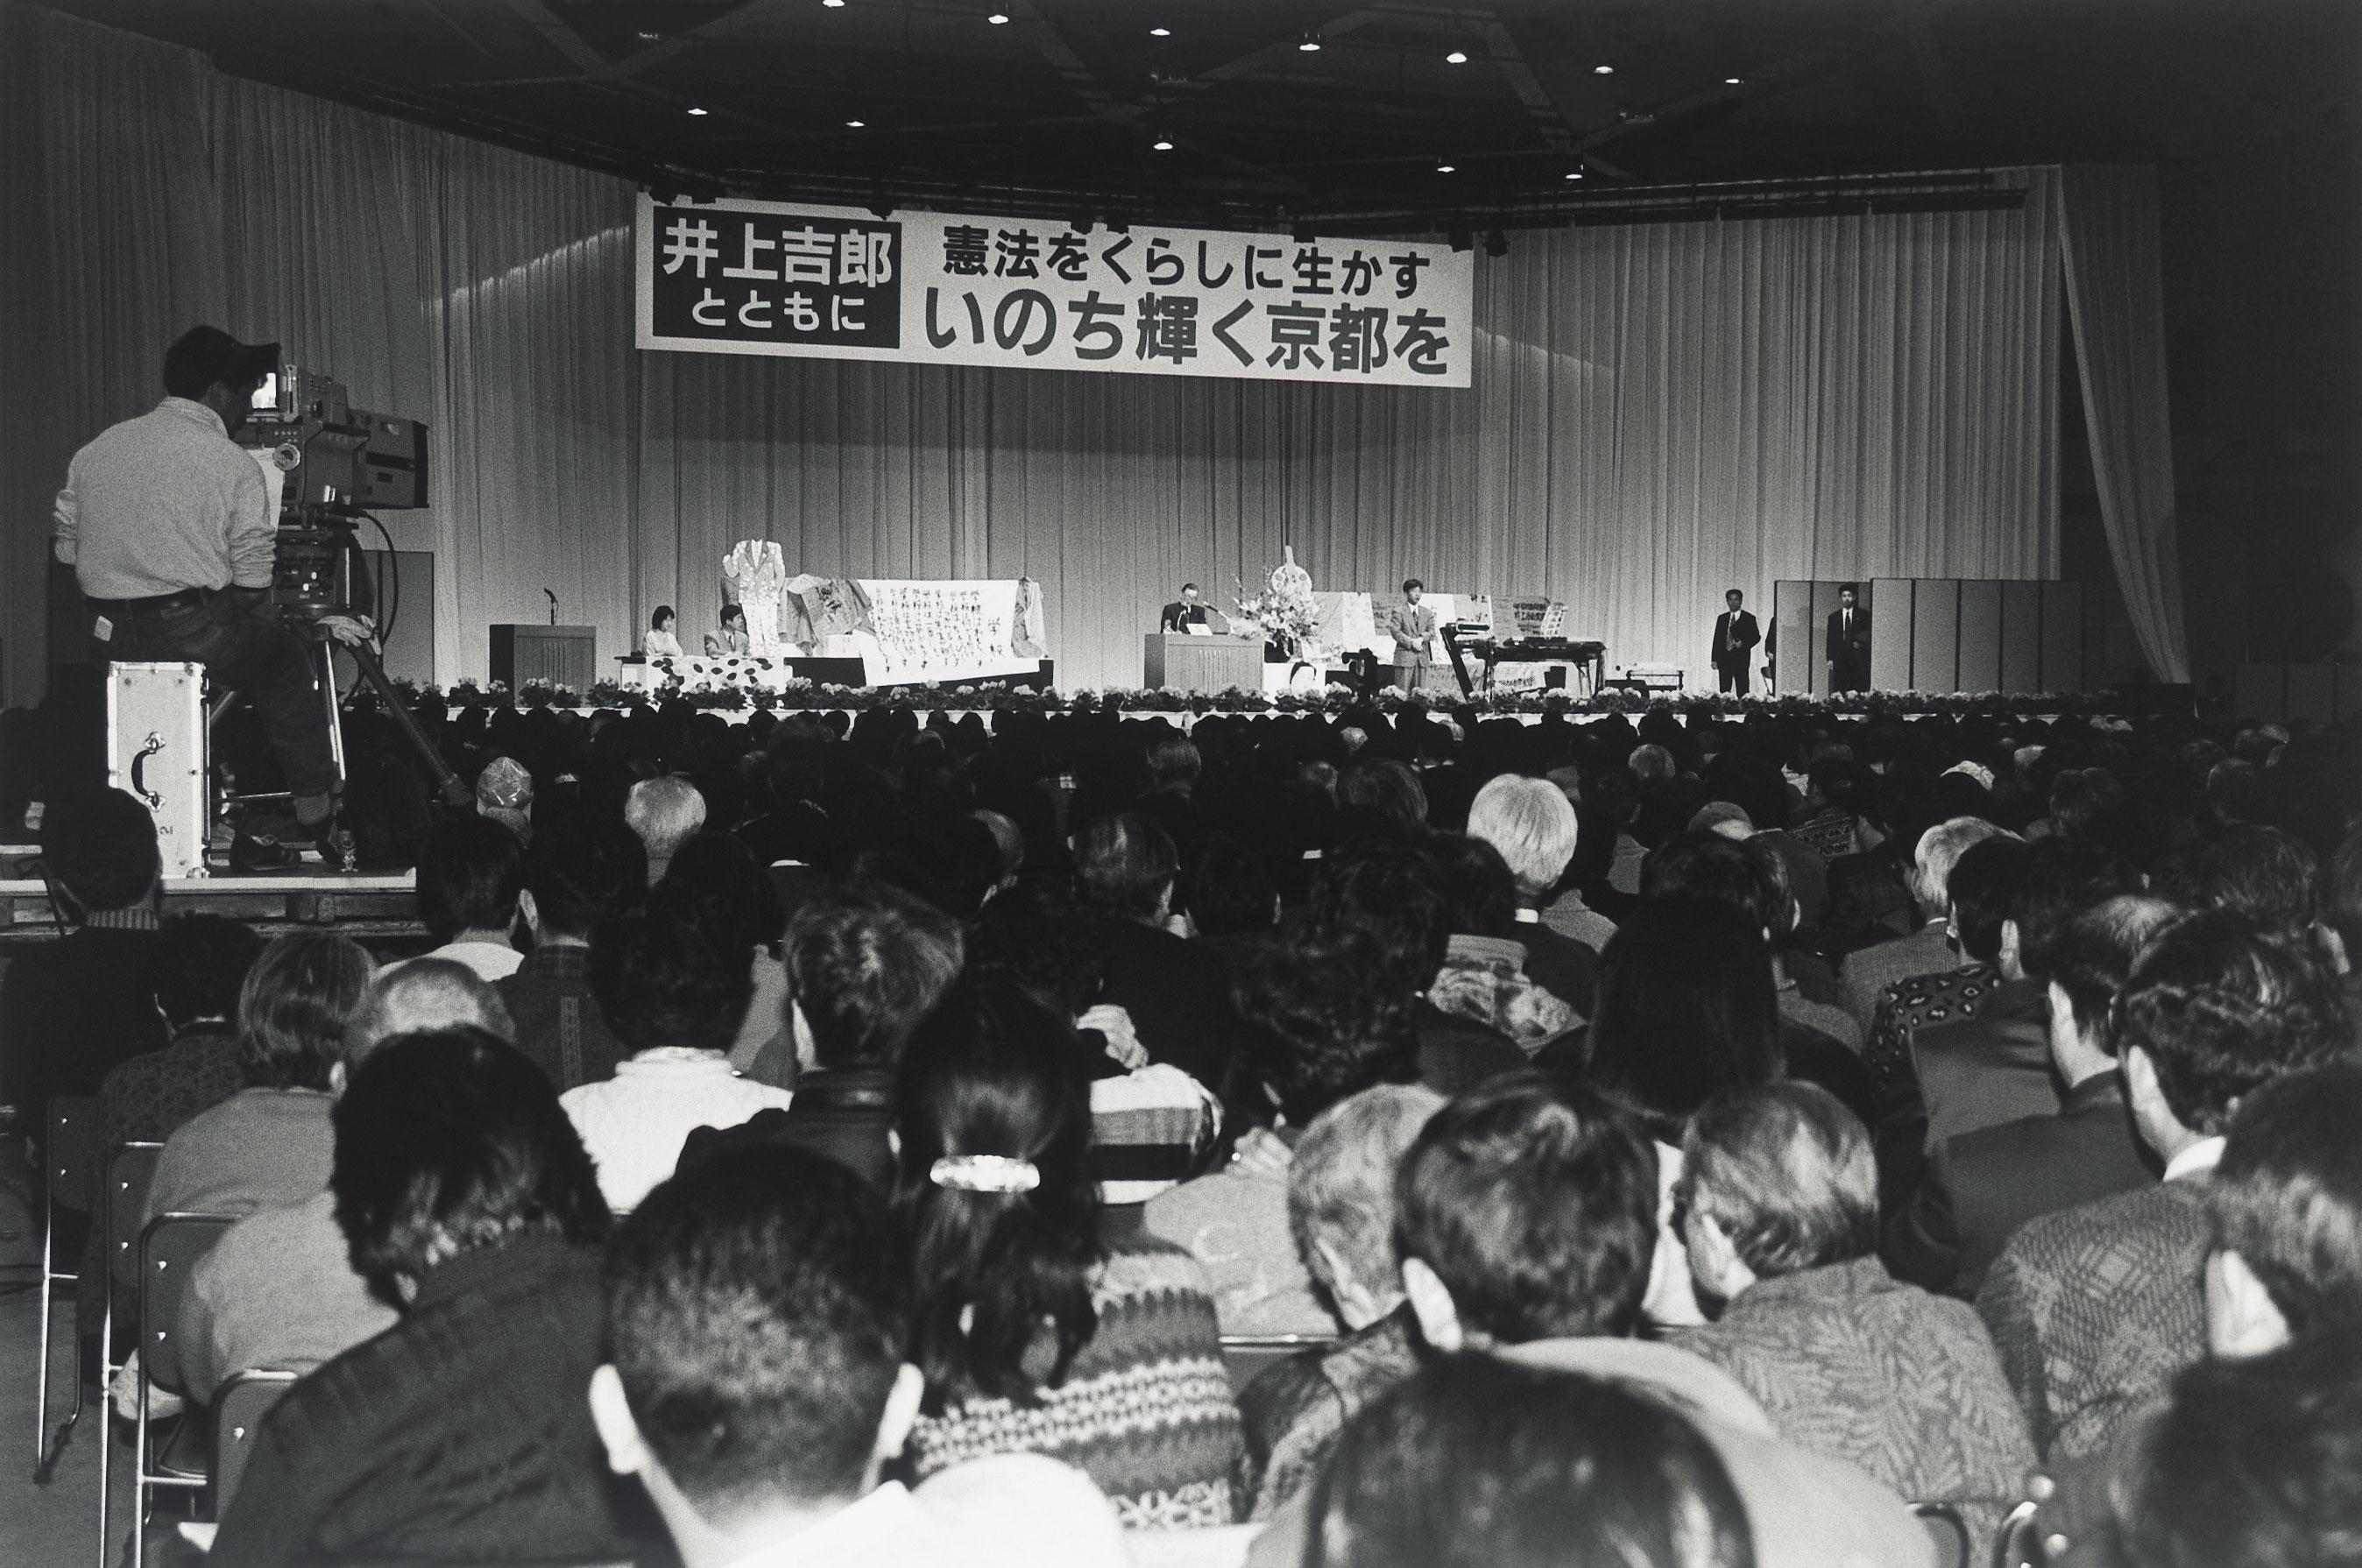 1・29市民大集会